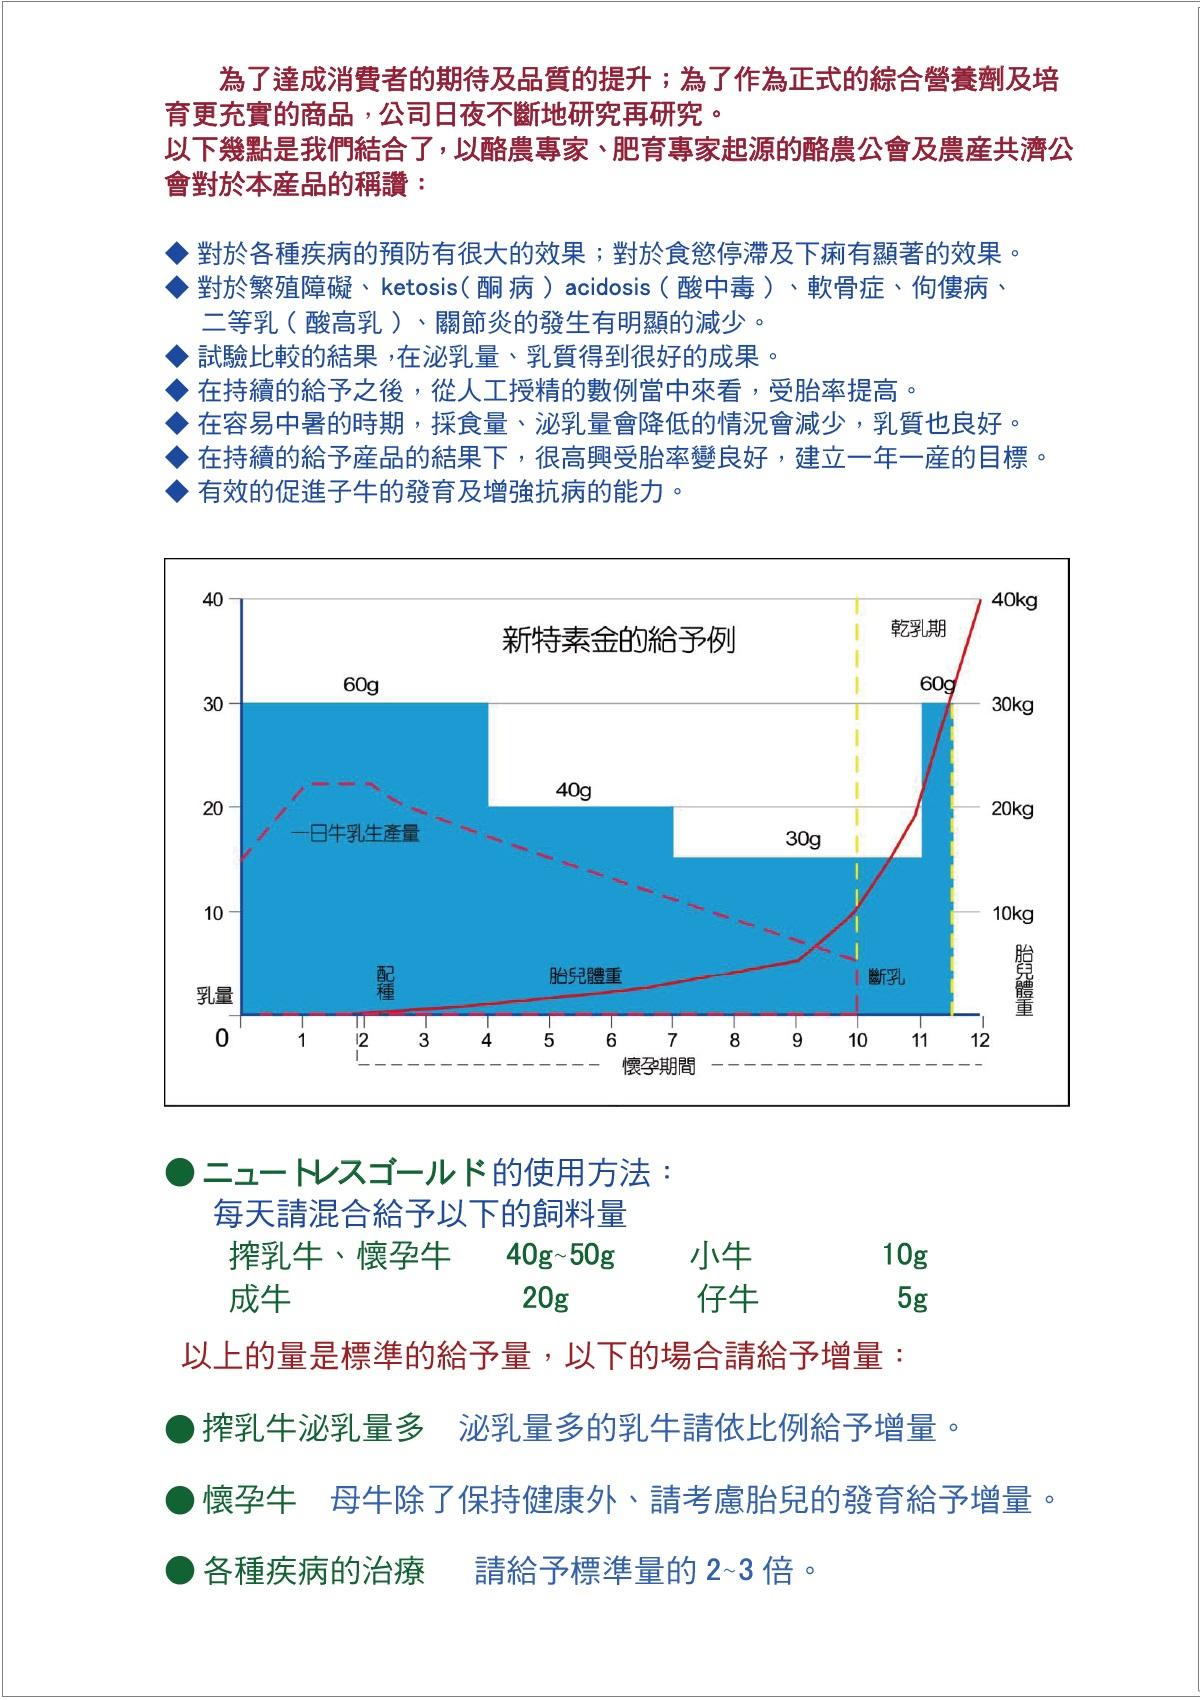 %e7%89%9b%e6%96%b0%e7%89%b9%e7%b4%a0%e9%87%91dm-4